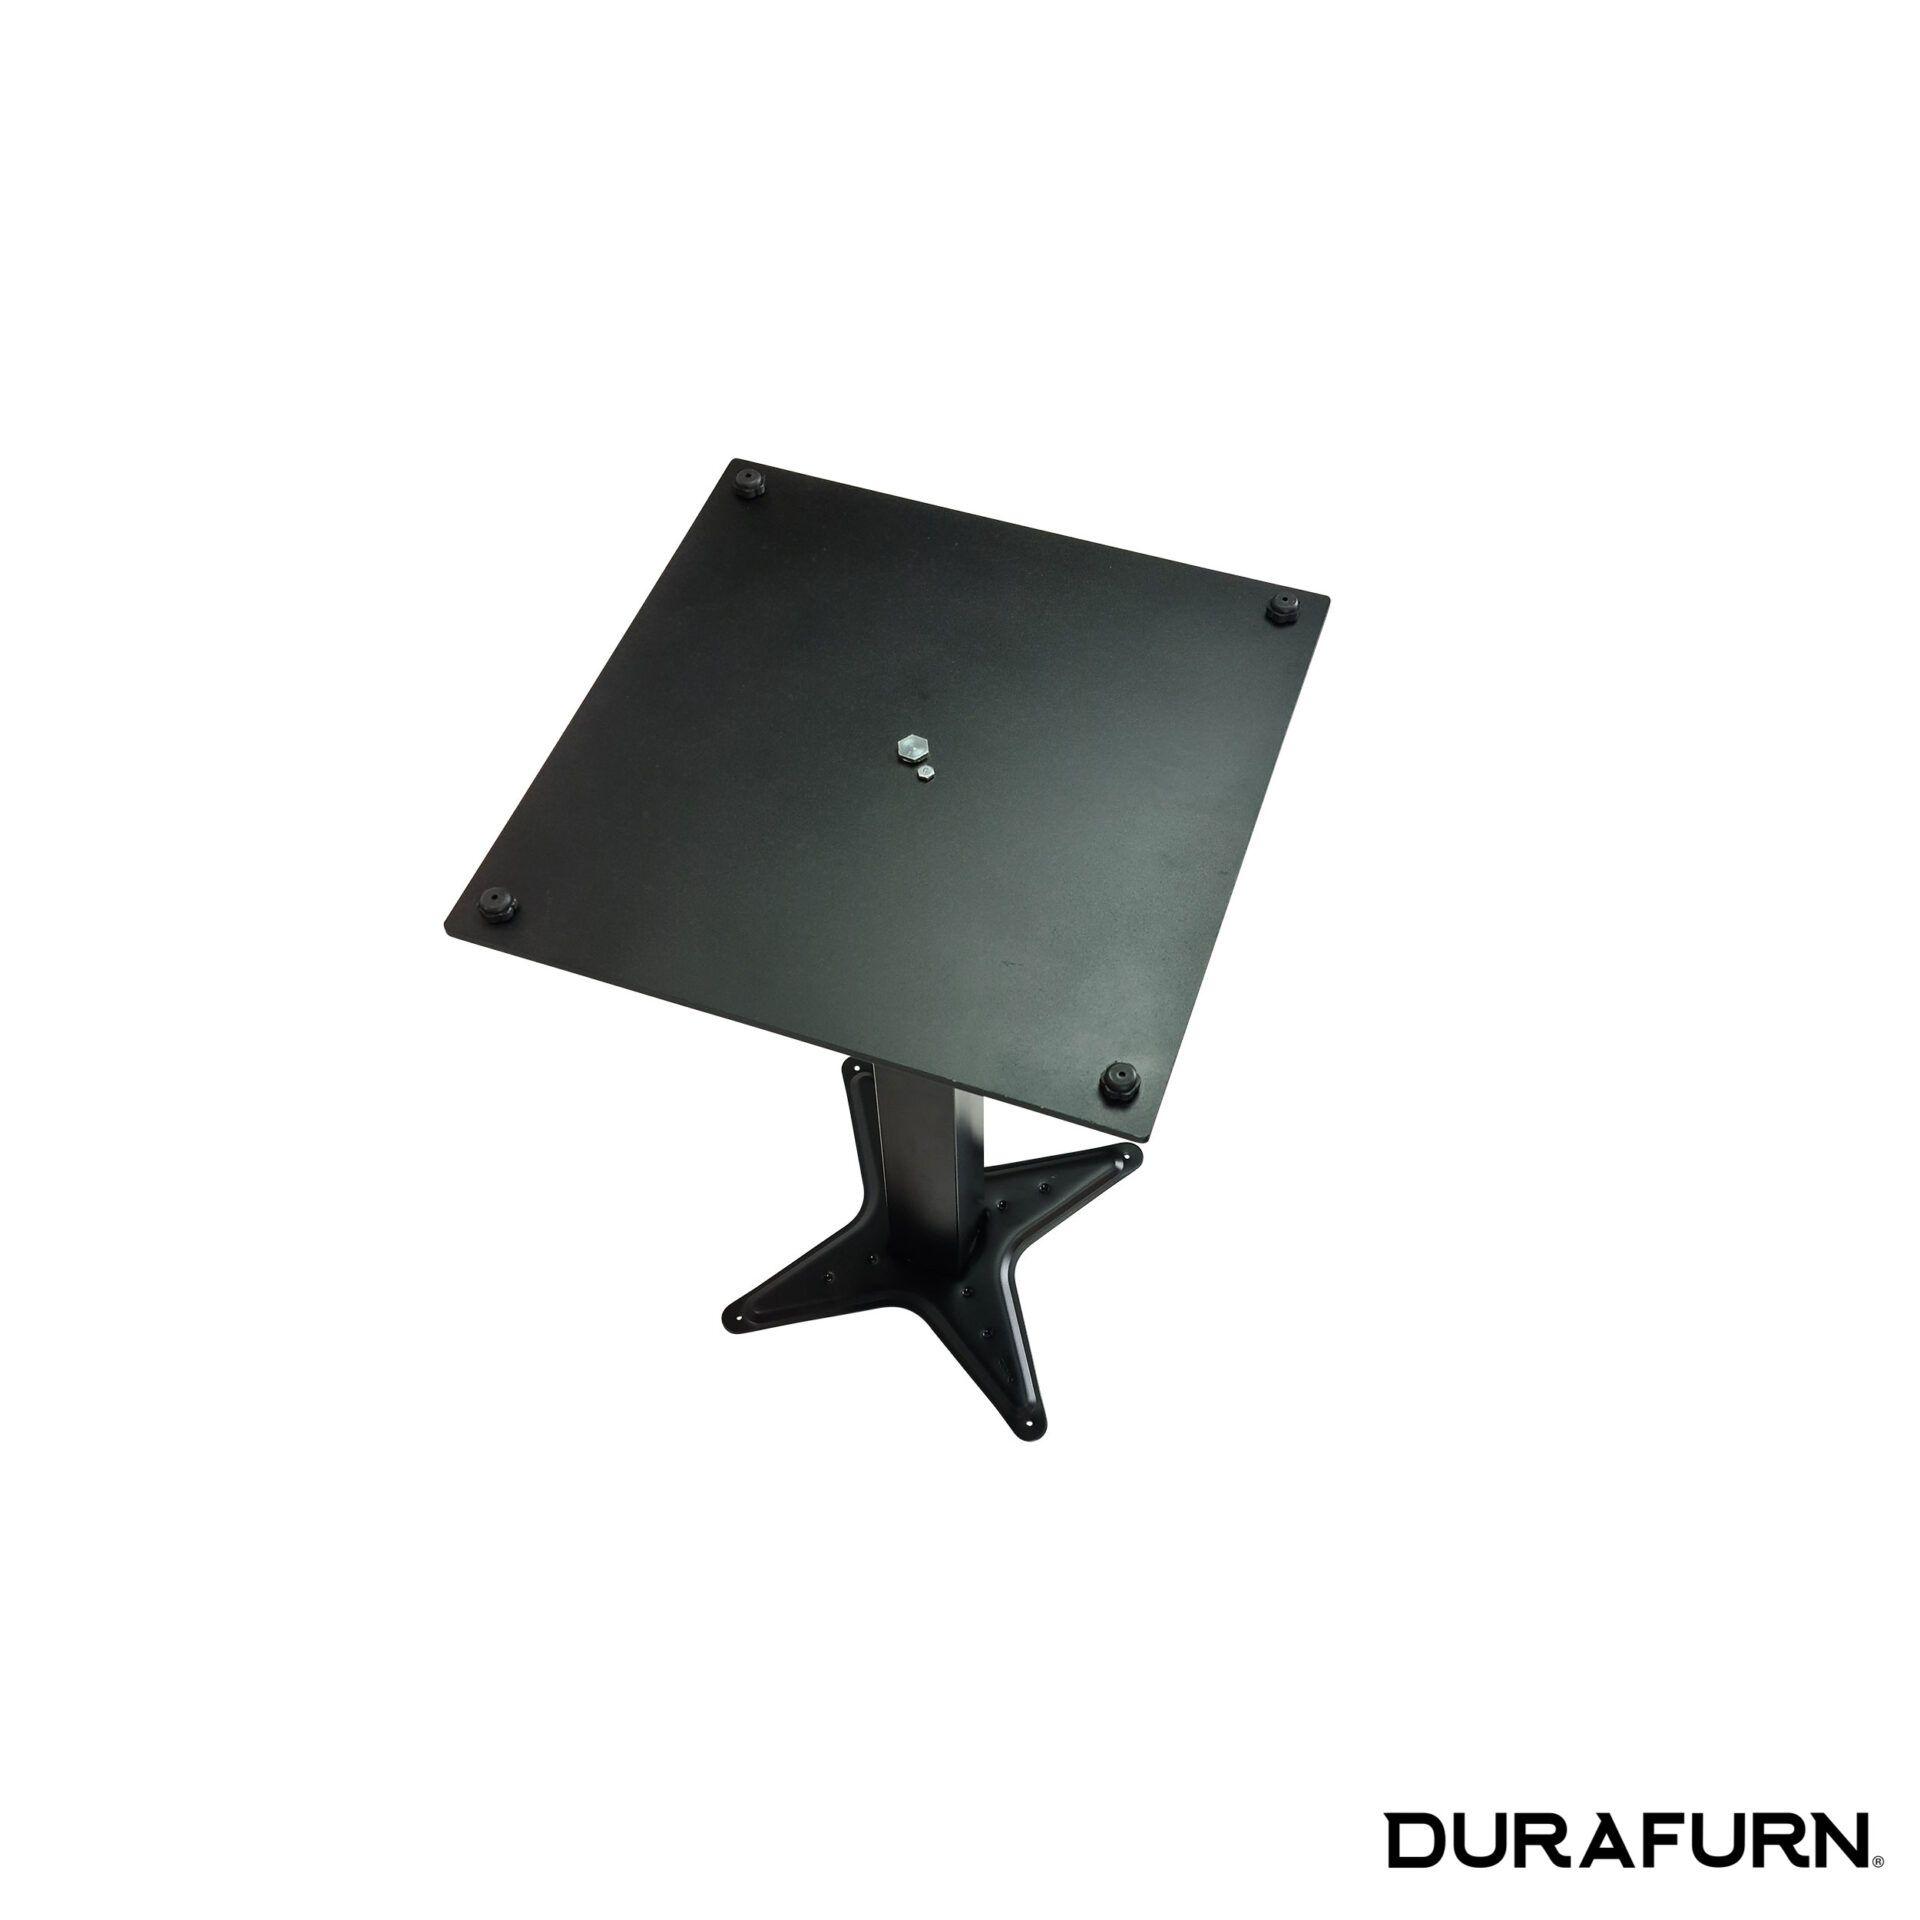 calais table base black.bottom 1